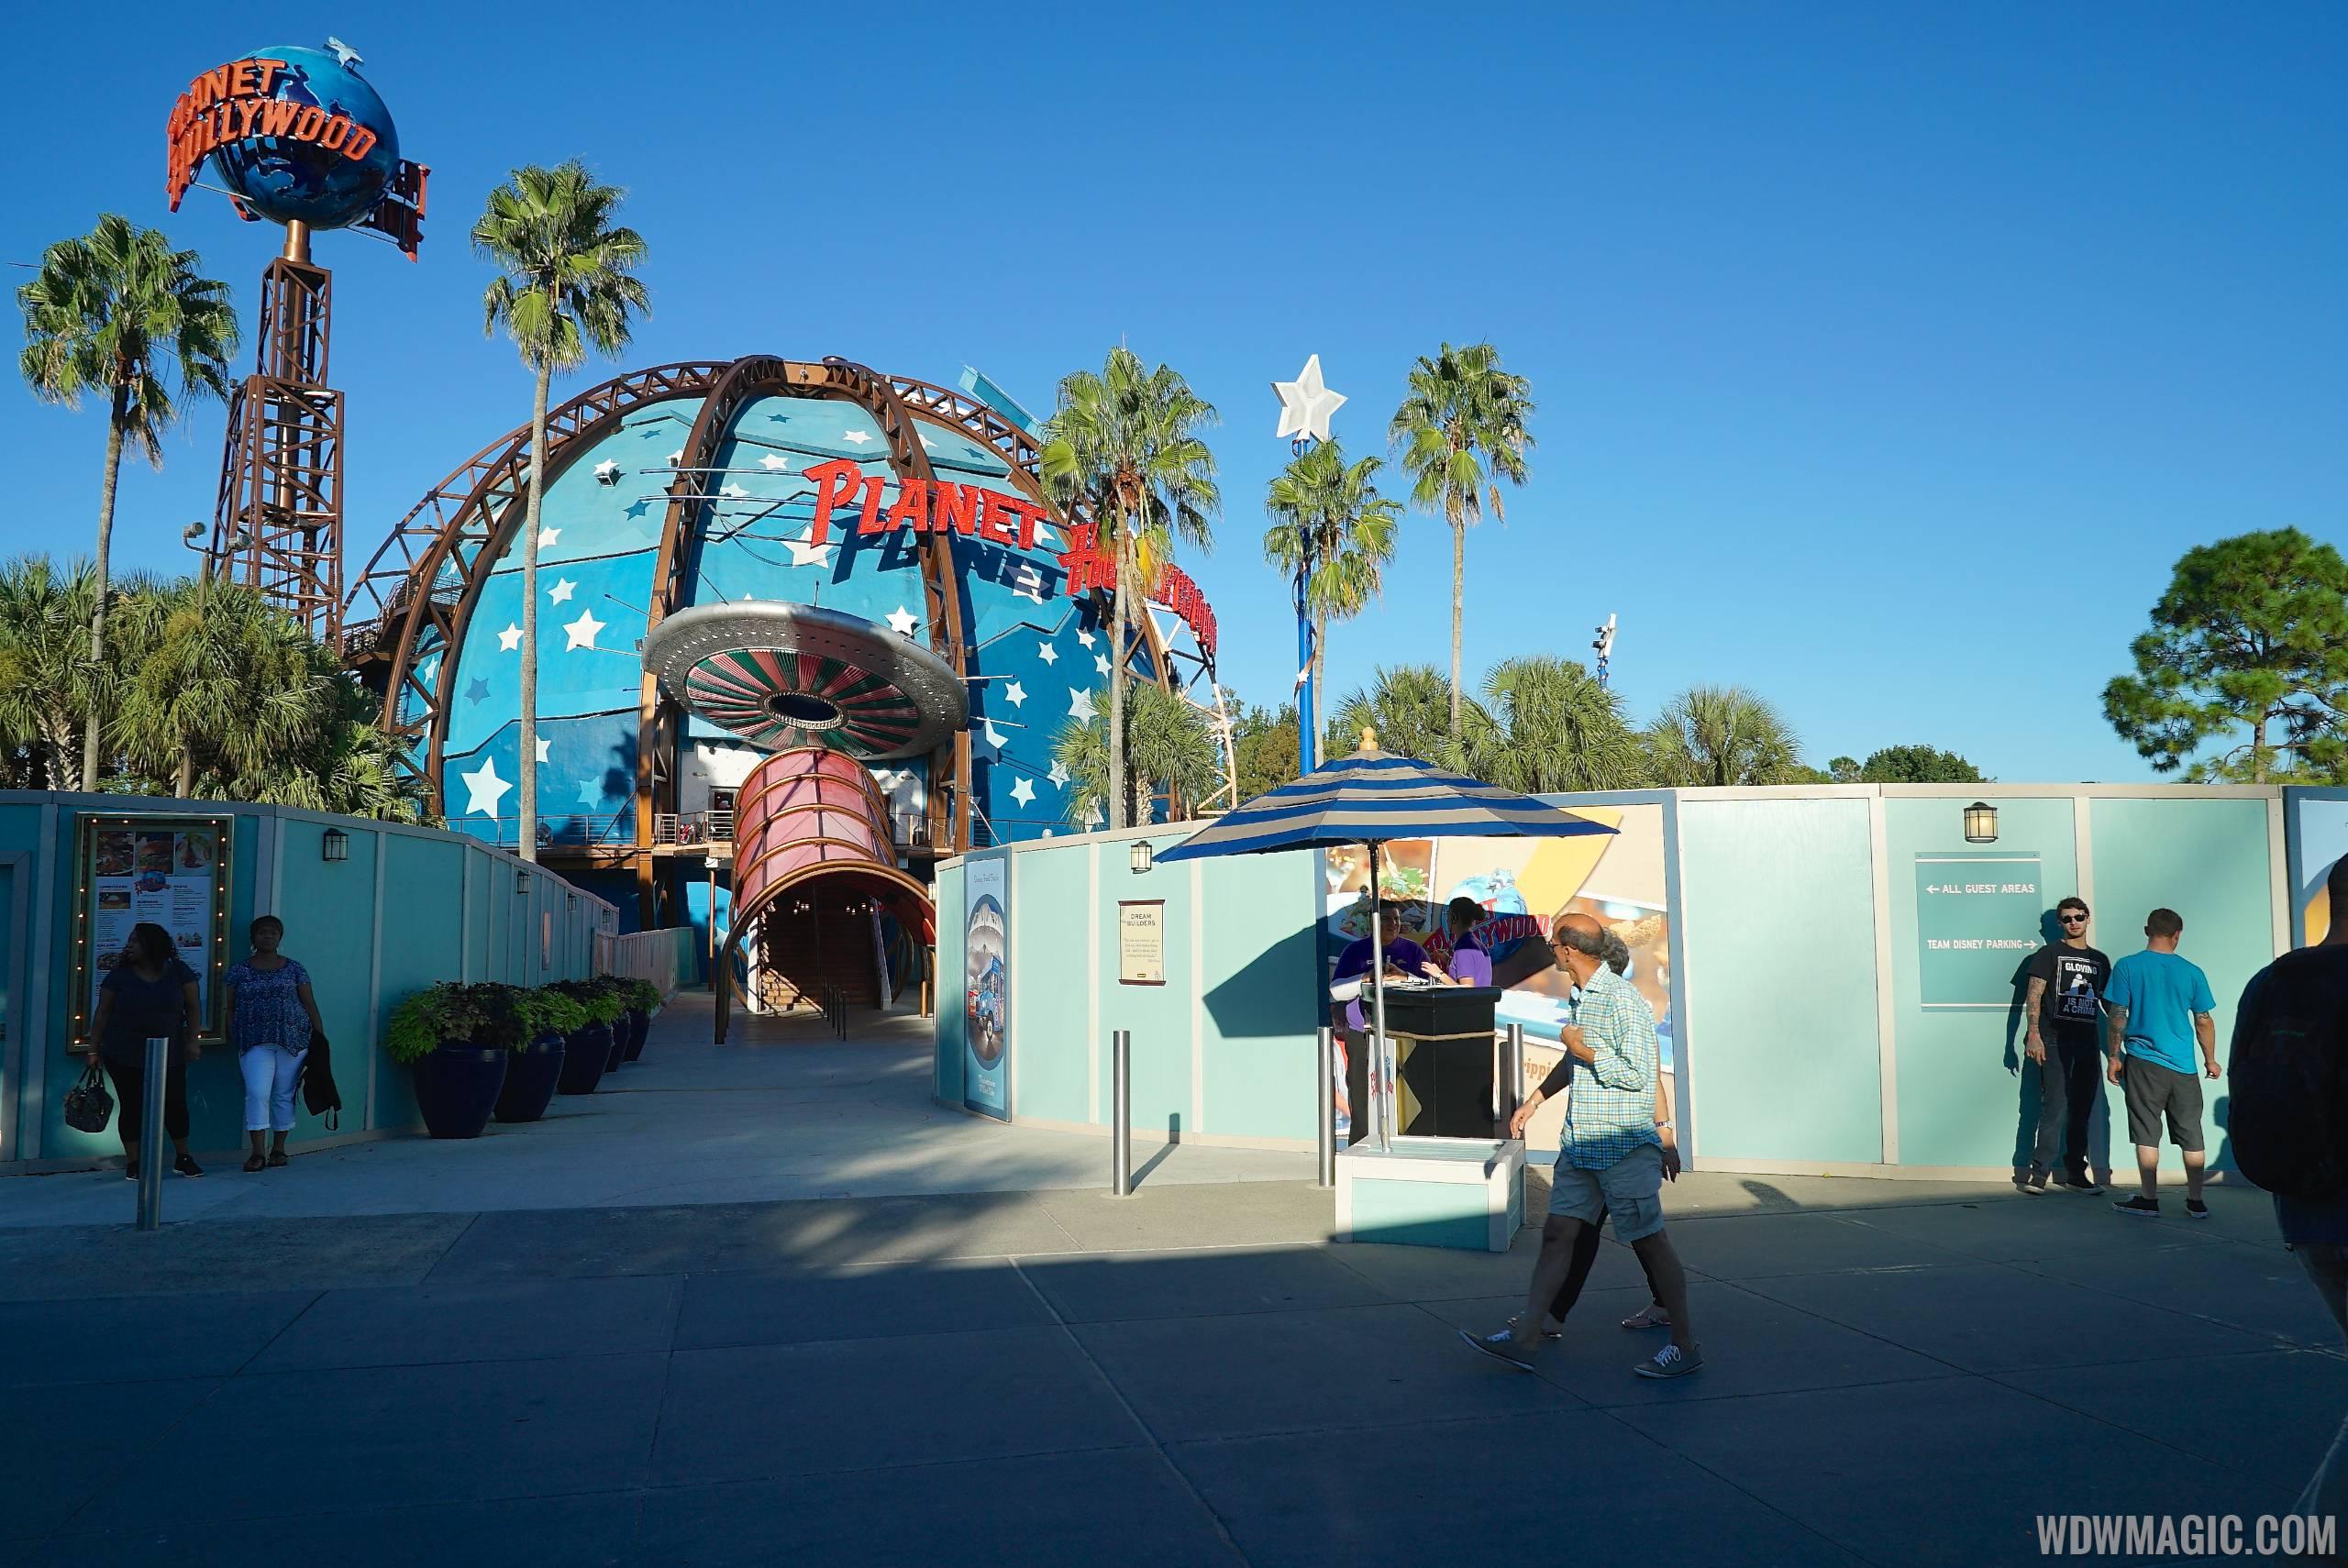 No more gift shop at Planet Hollywood